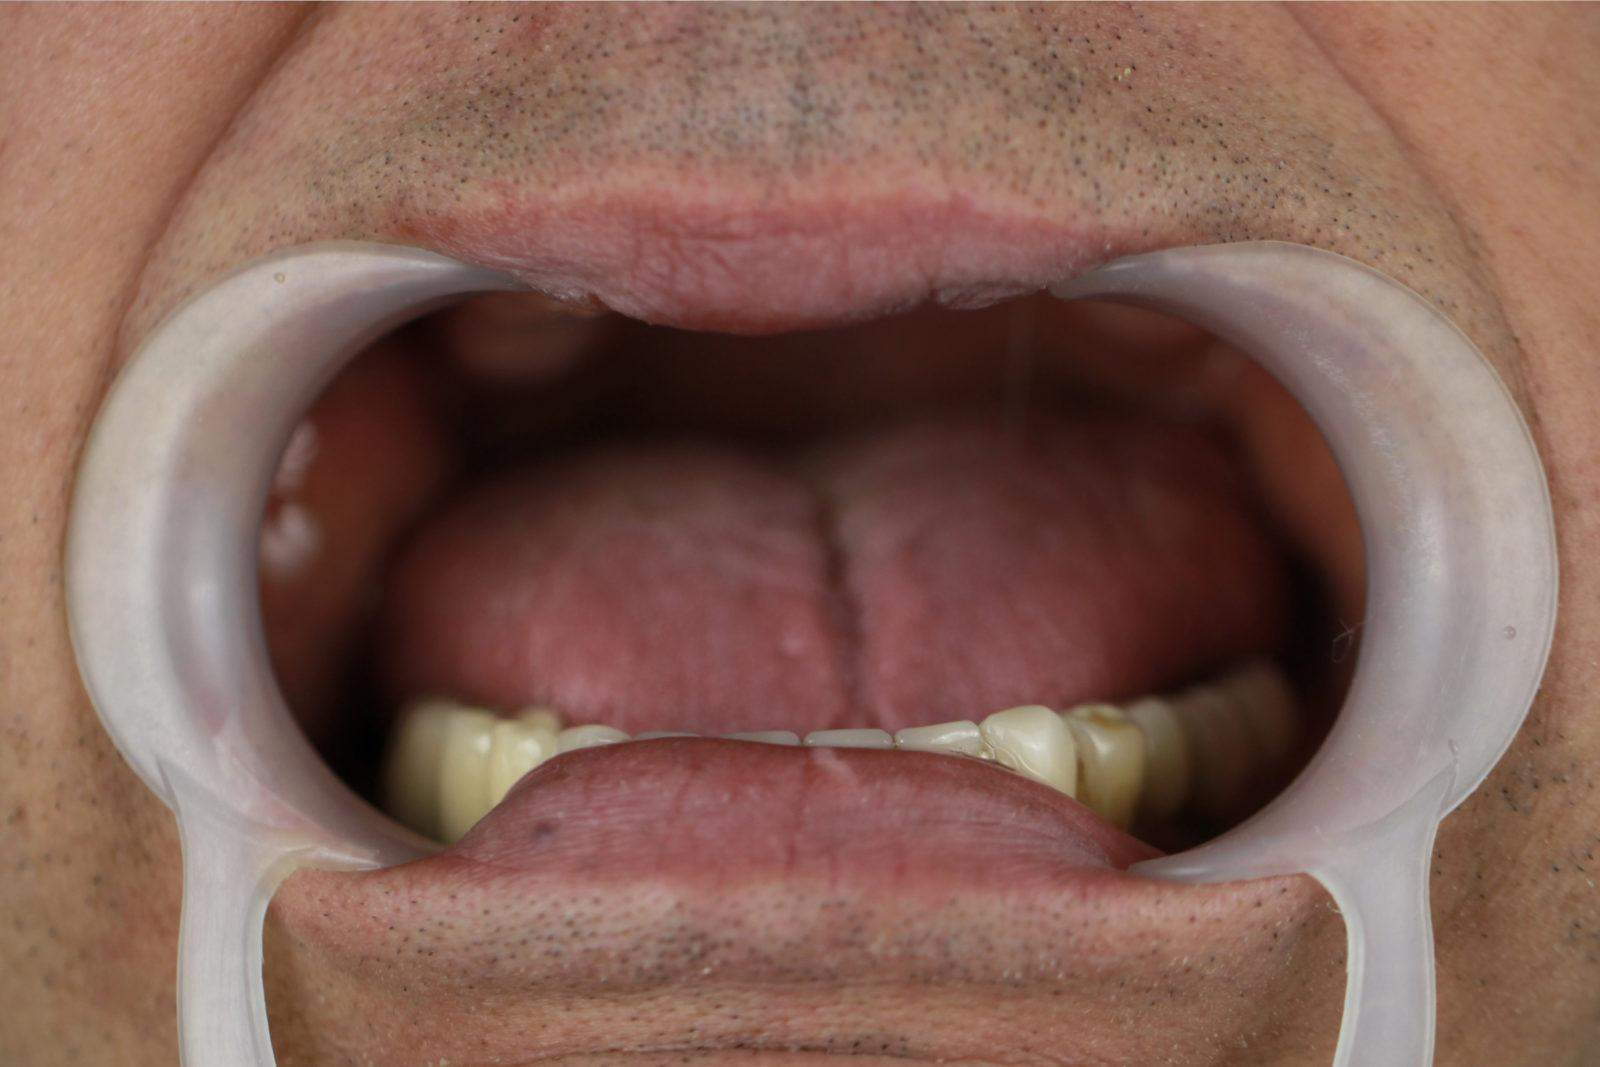 Ротовая полость до имплантации зубов с последующим протезированием